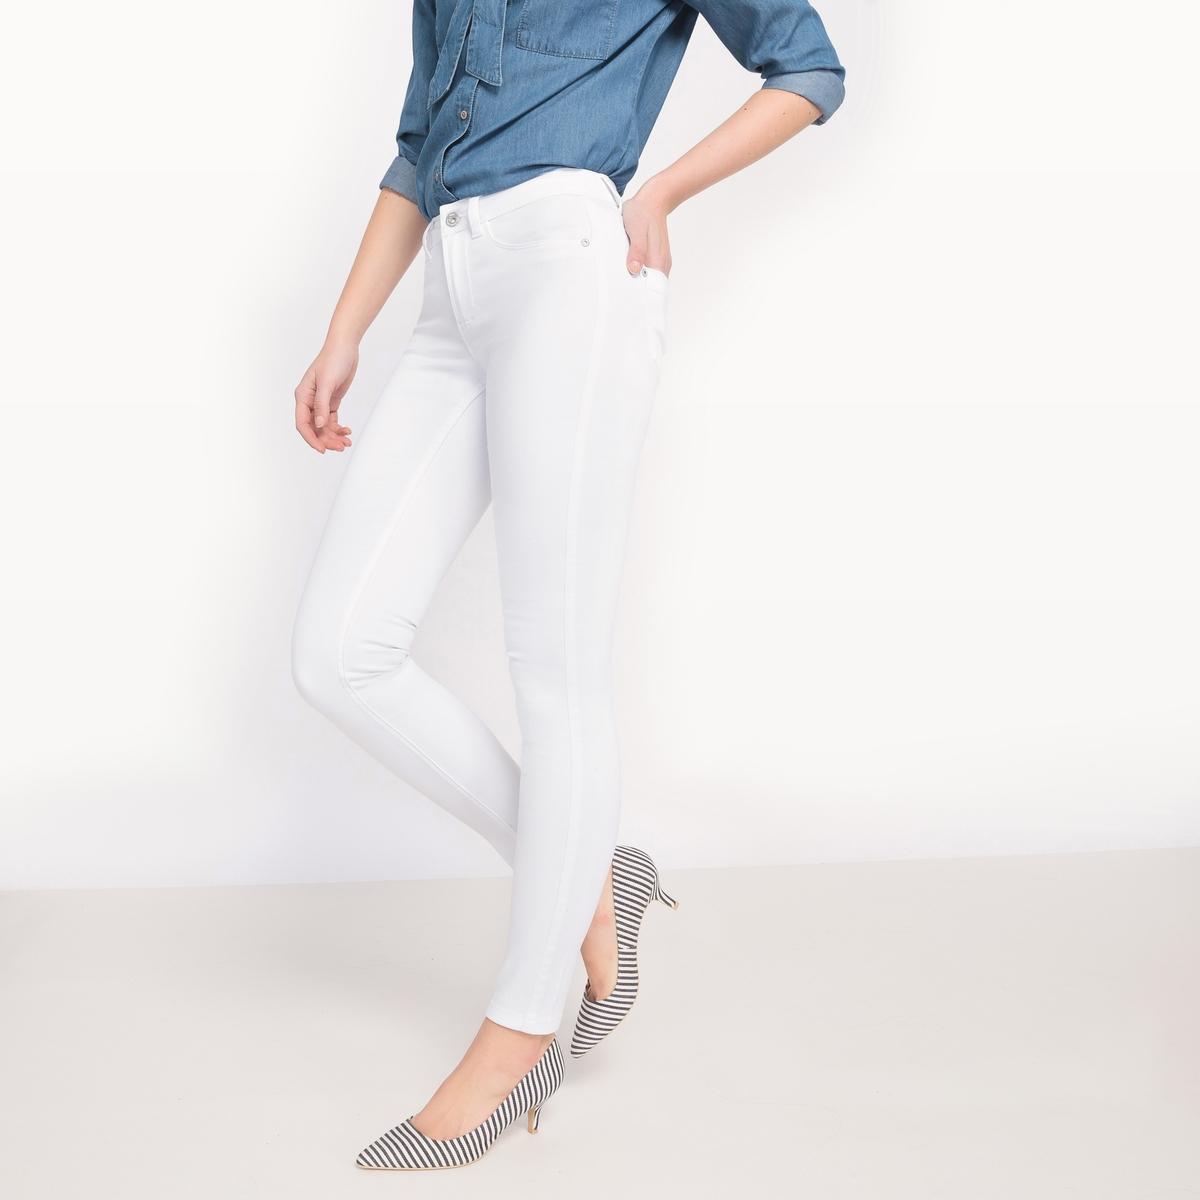 Джинсы-скинни с поясом стандартной высотыМатериал: 66% хлопка, 2% эластана, 32% полиэстера. Высота пояса: стандартная.Покрой джинсов: скинни.Длина джинсов: длина 32.<br><br>Цвет: белый<br>Размер: L.M